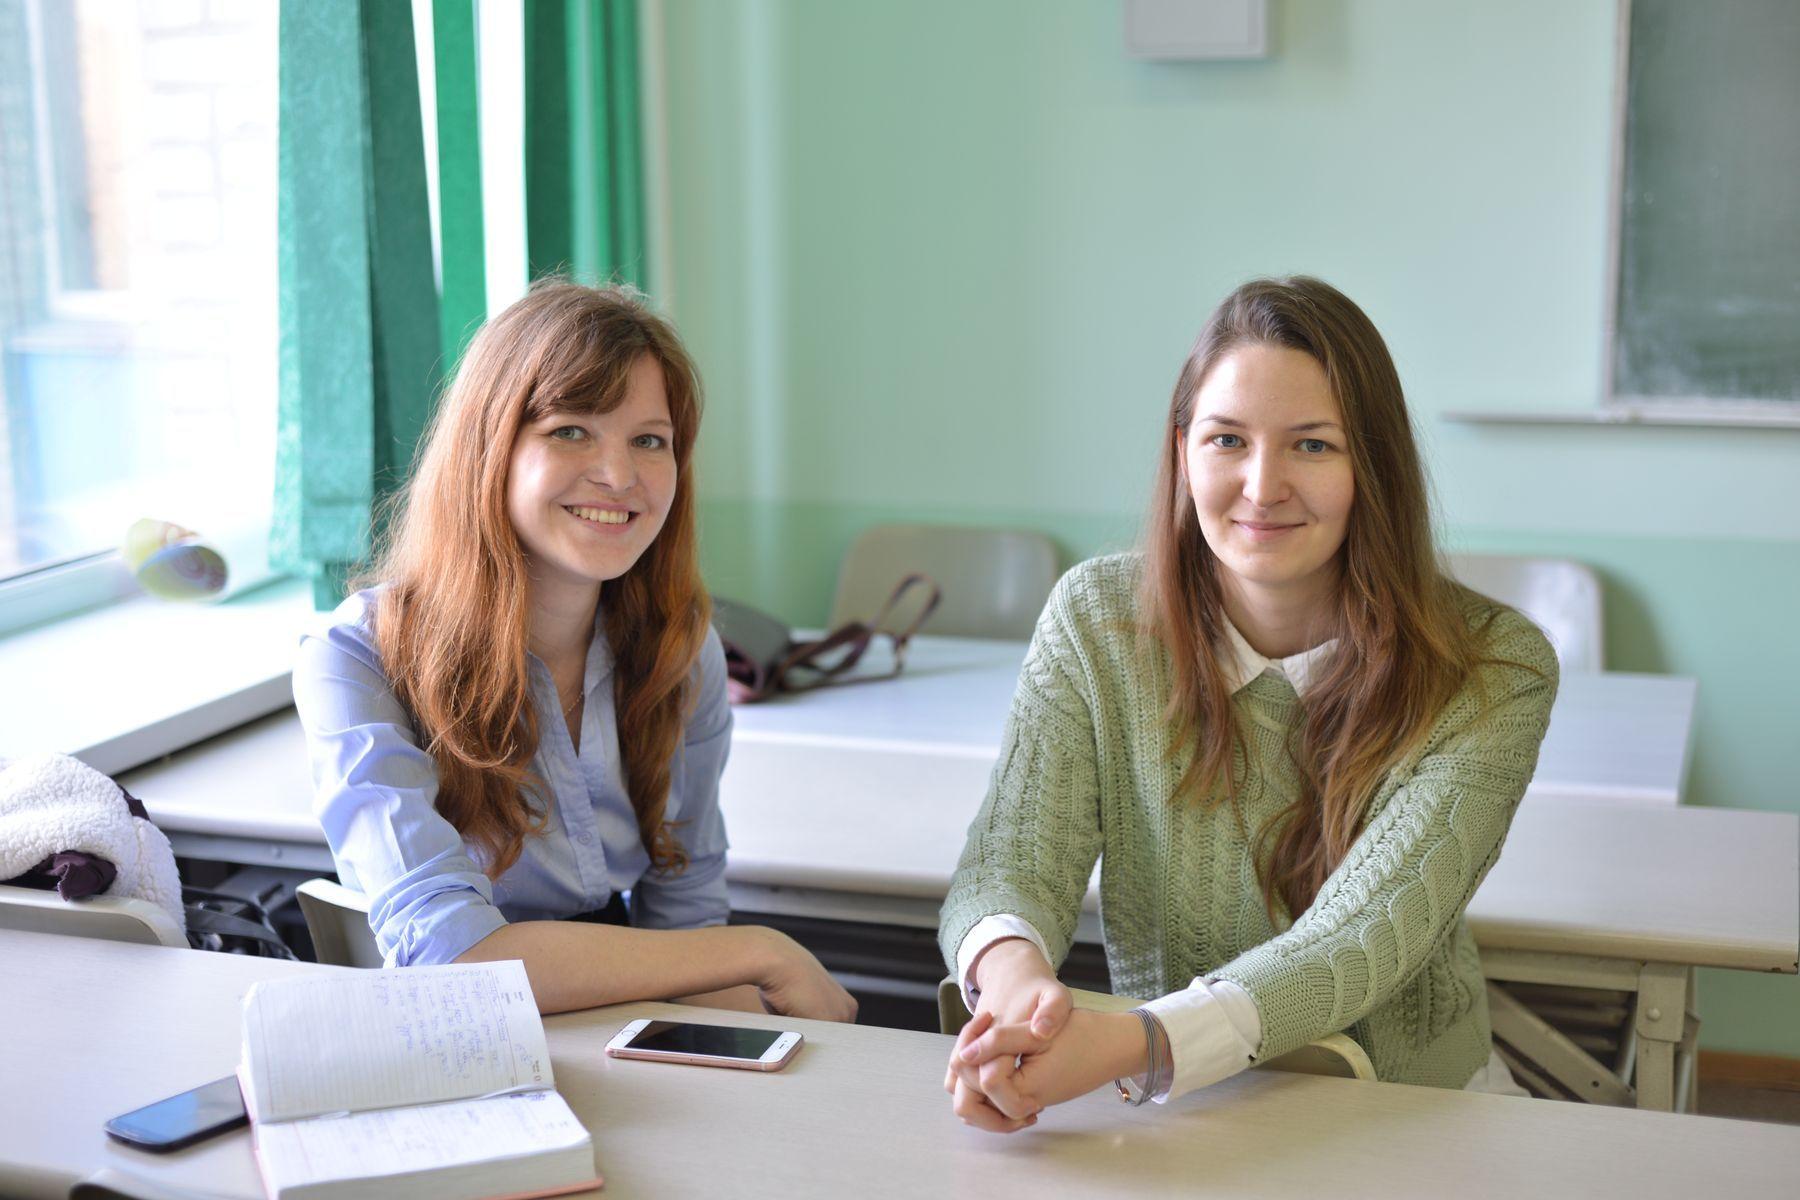 Выпускники ВГУЭС: «Работодатели ждут инициативных сотрудников»